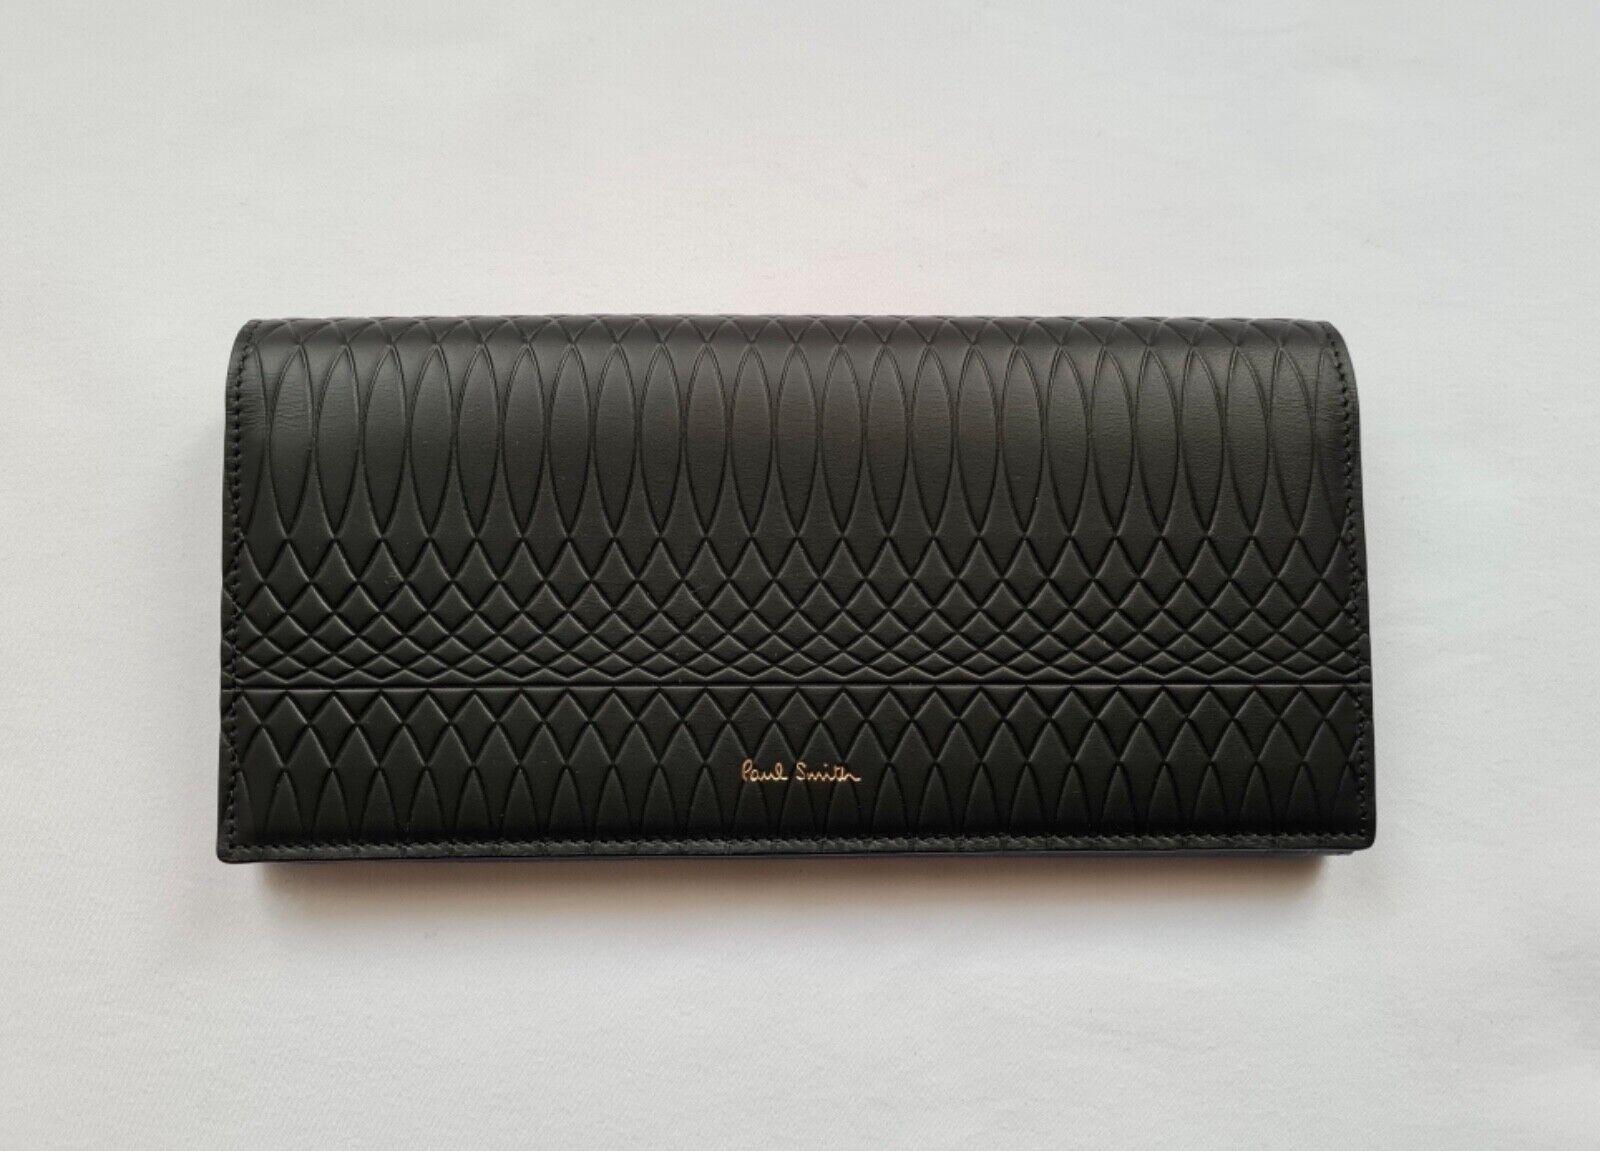 New Paul Smith Purse Damson No9 Wallet